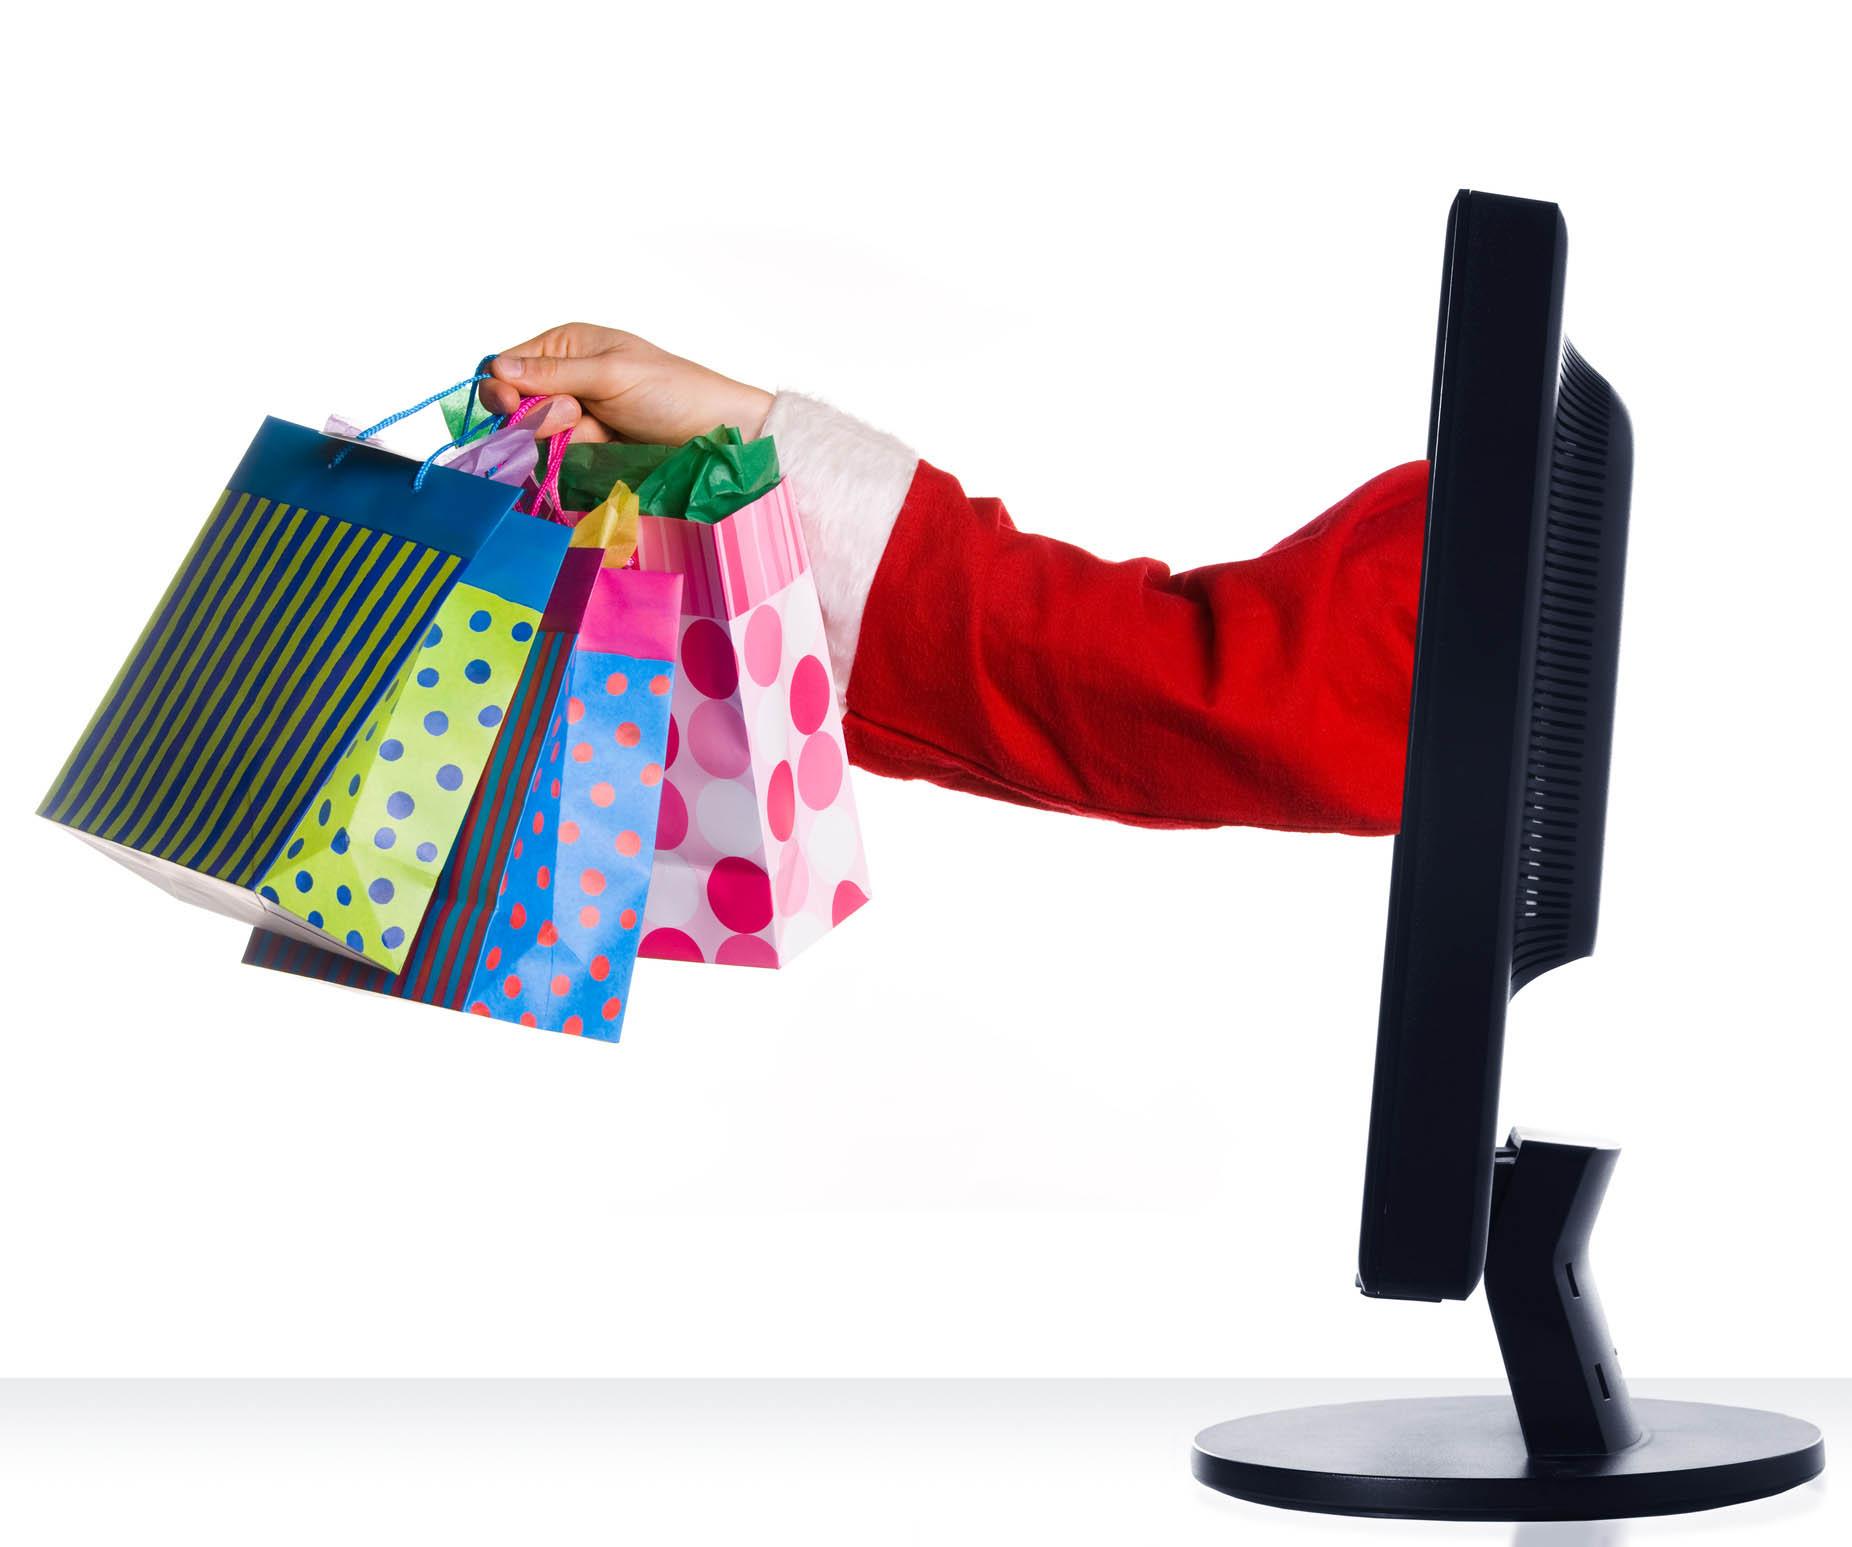 d558210d6 5 bons motivos para comprar em uma loja de roupas online - Site de ...